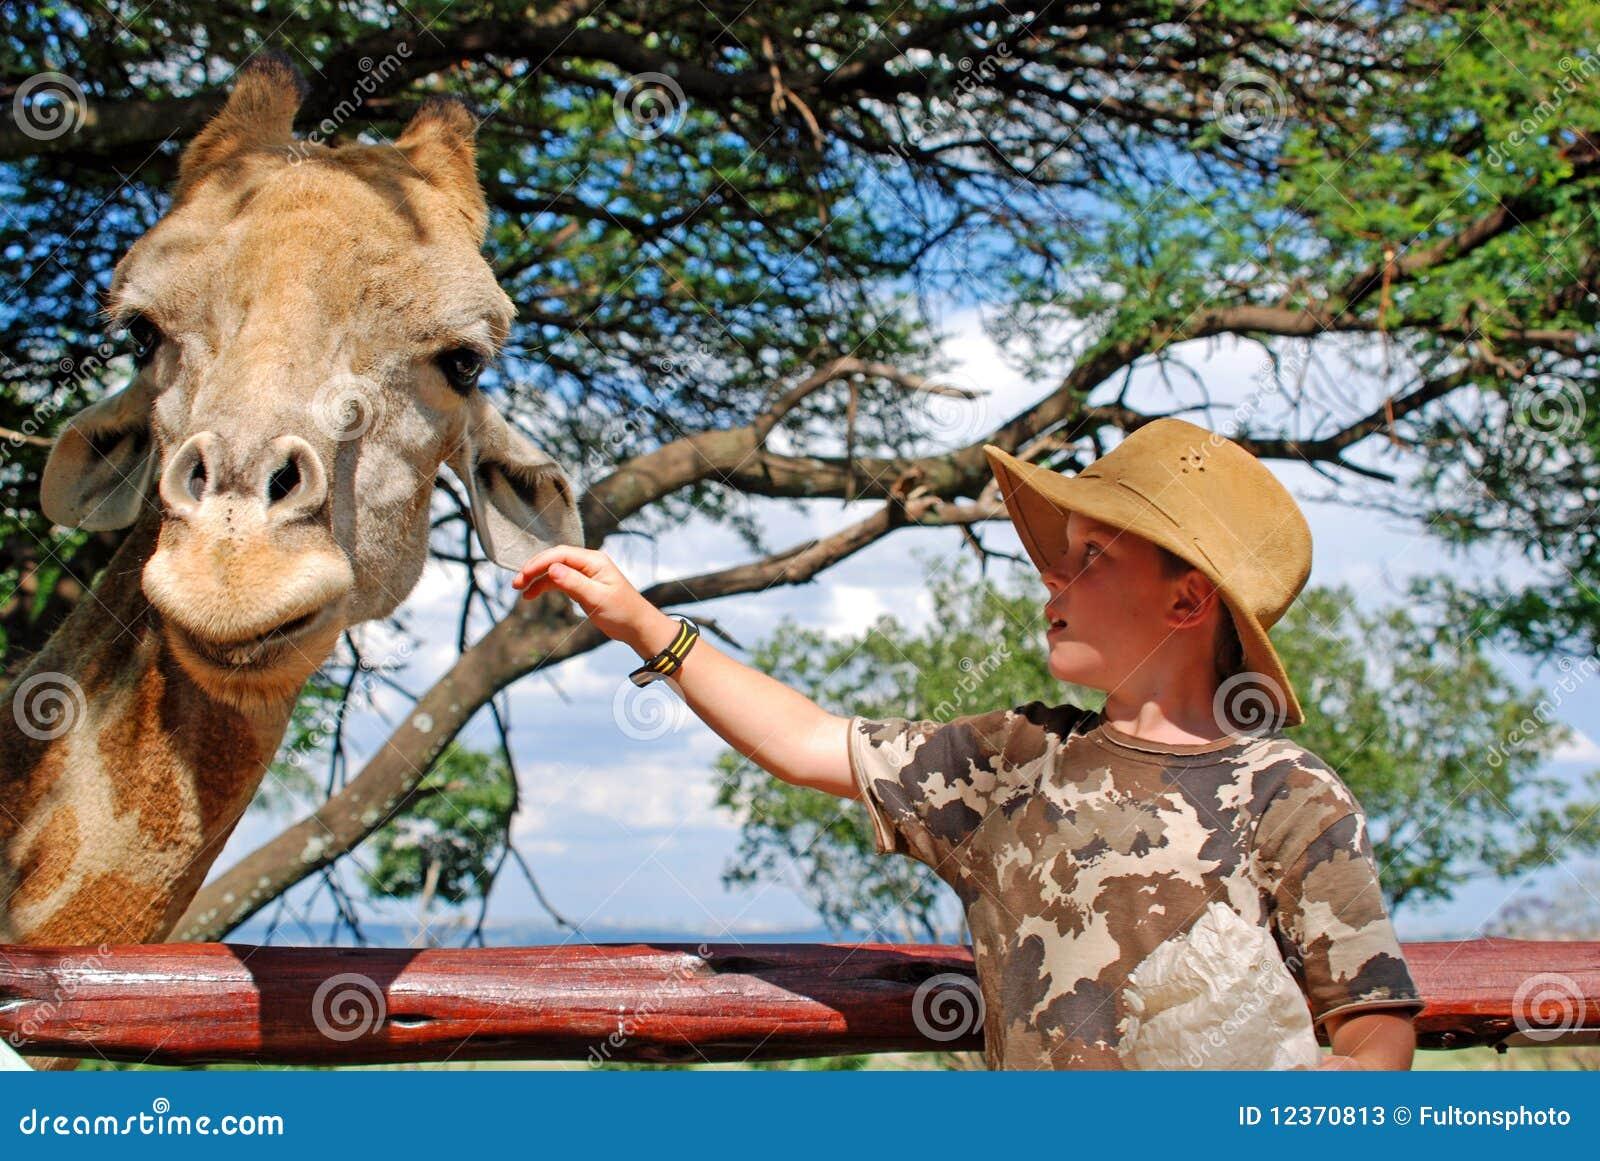 Matande giraff för barn